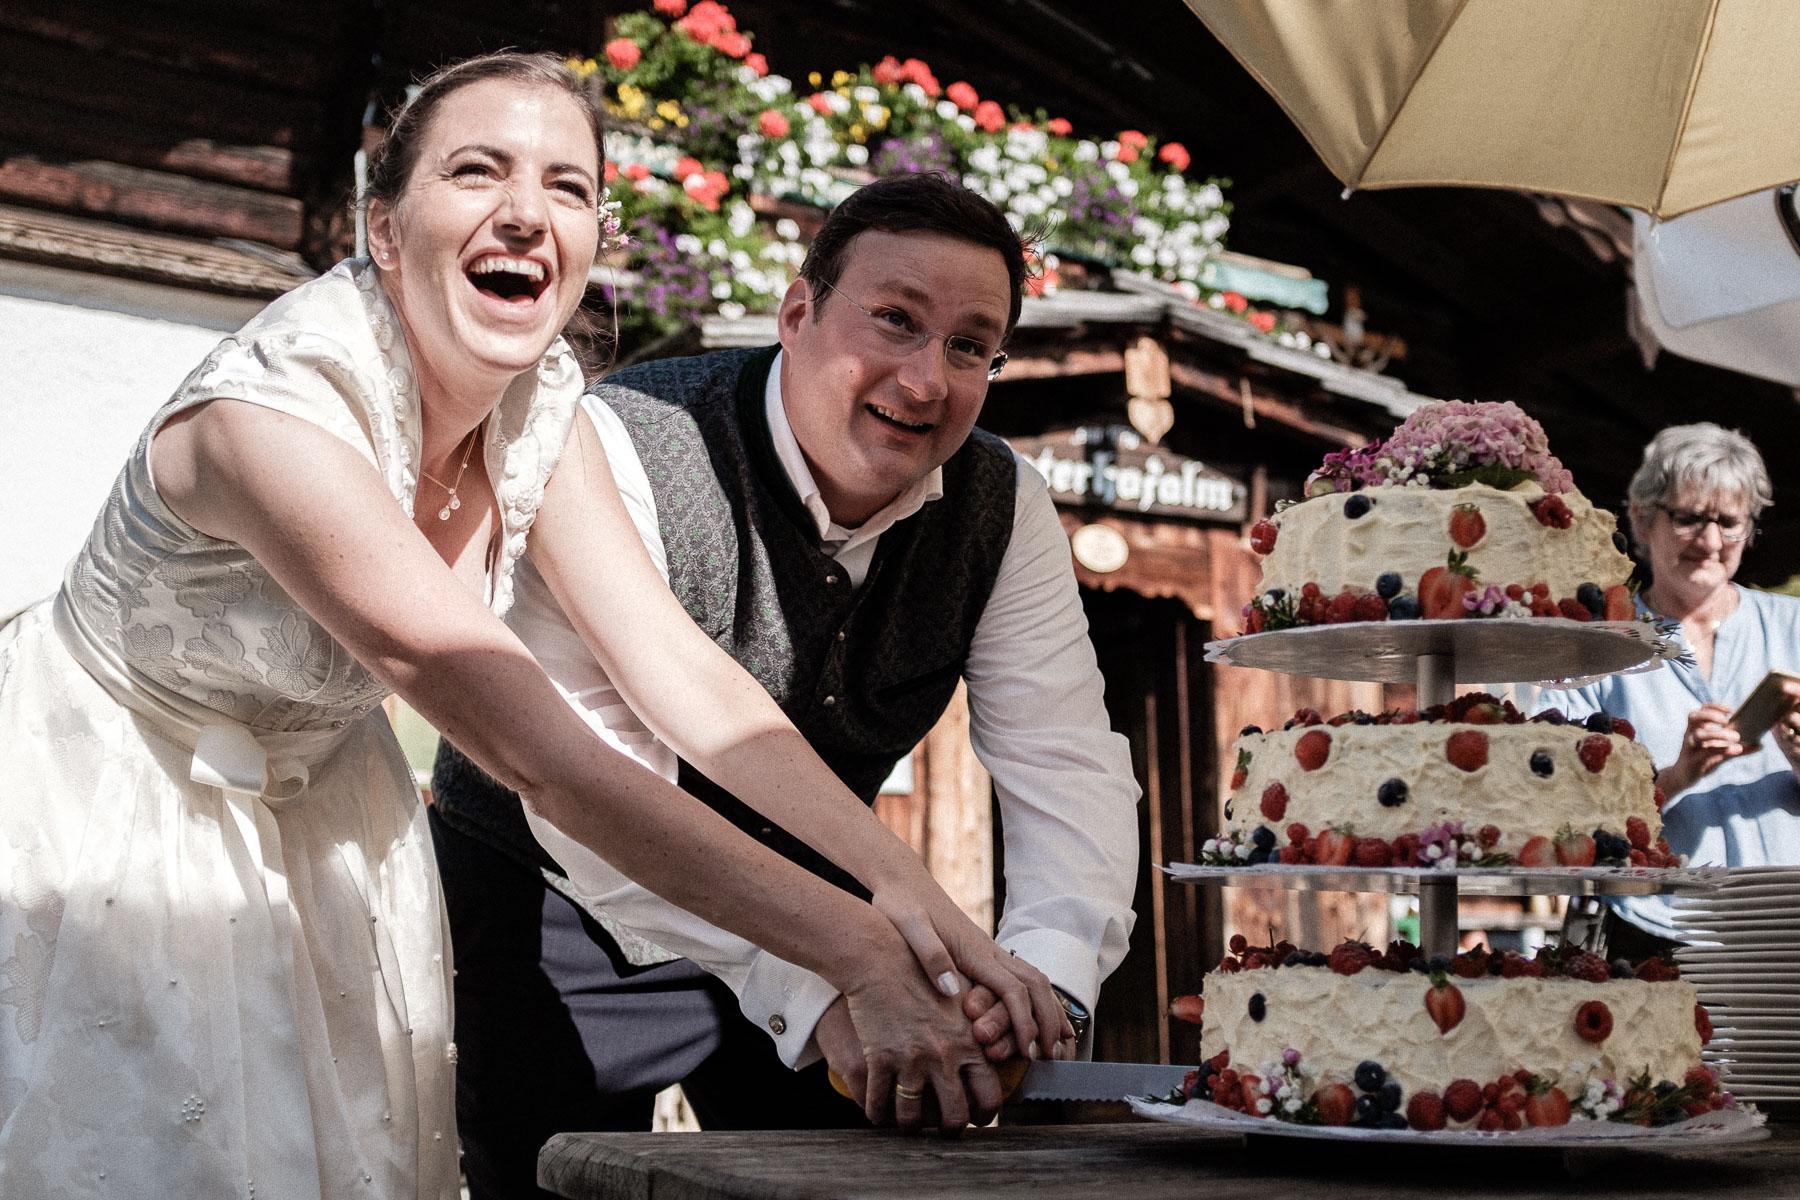 MartinLiebl_Hochzeitsfotograf_DPH_Blog_57.jpg